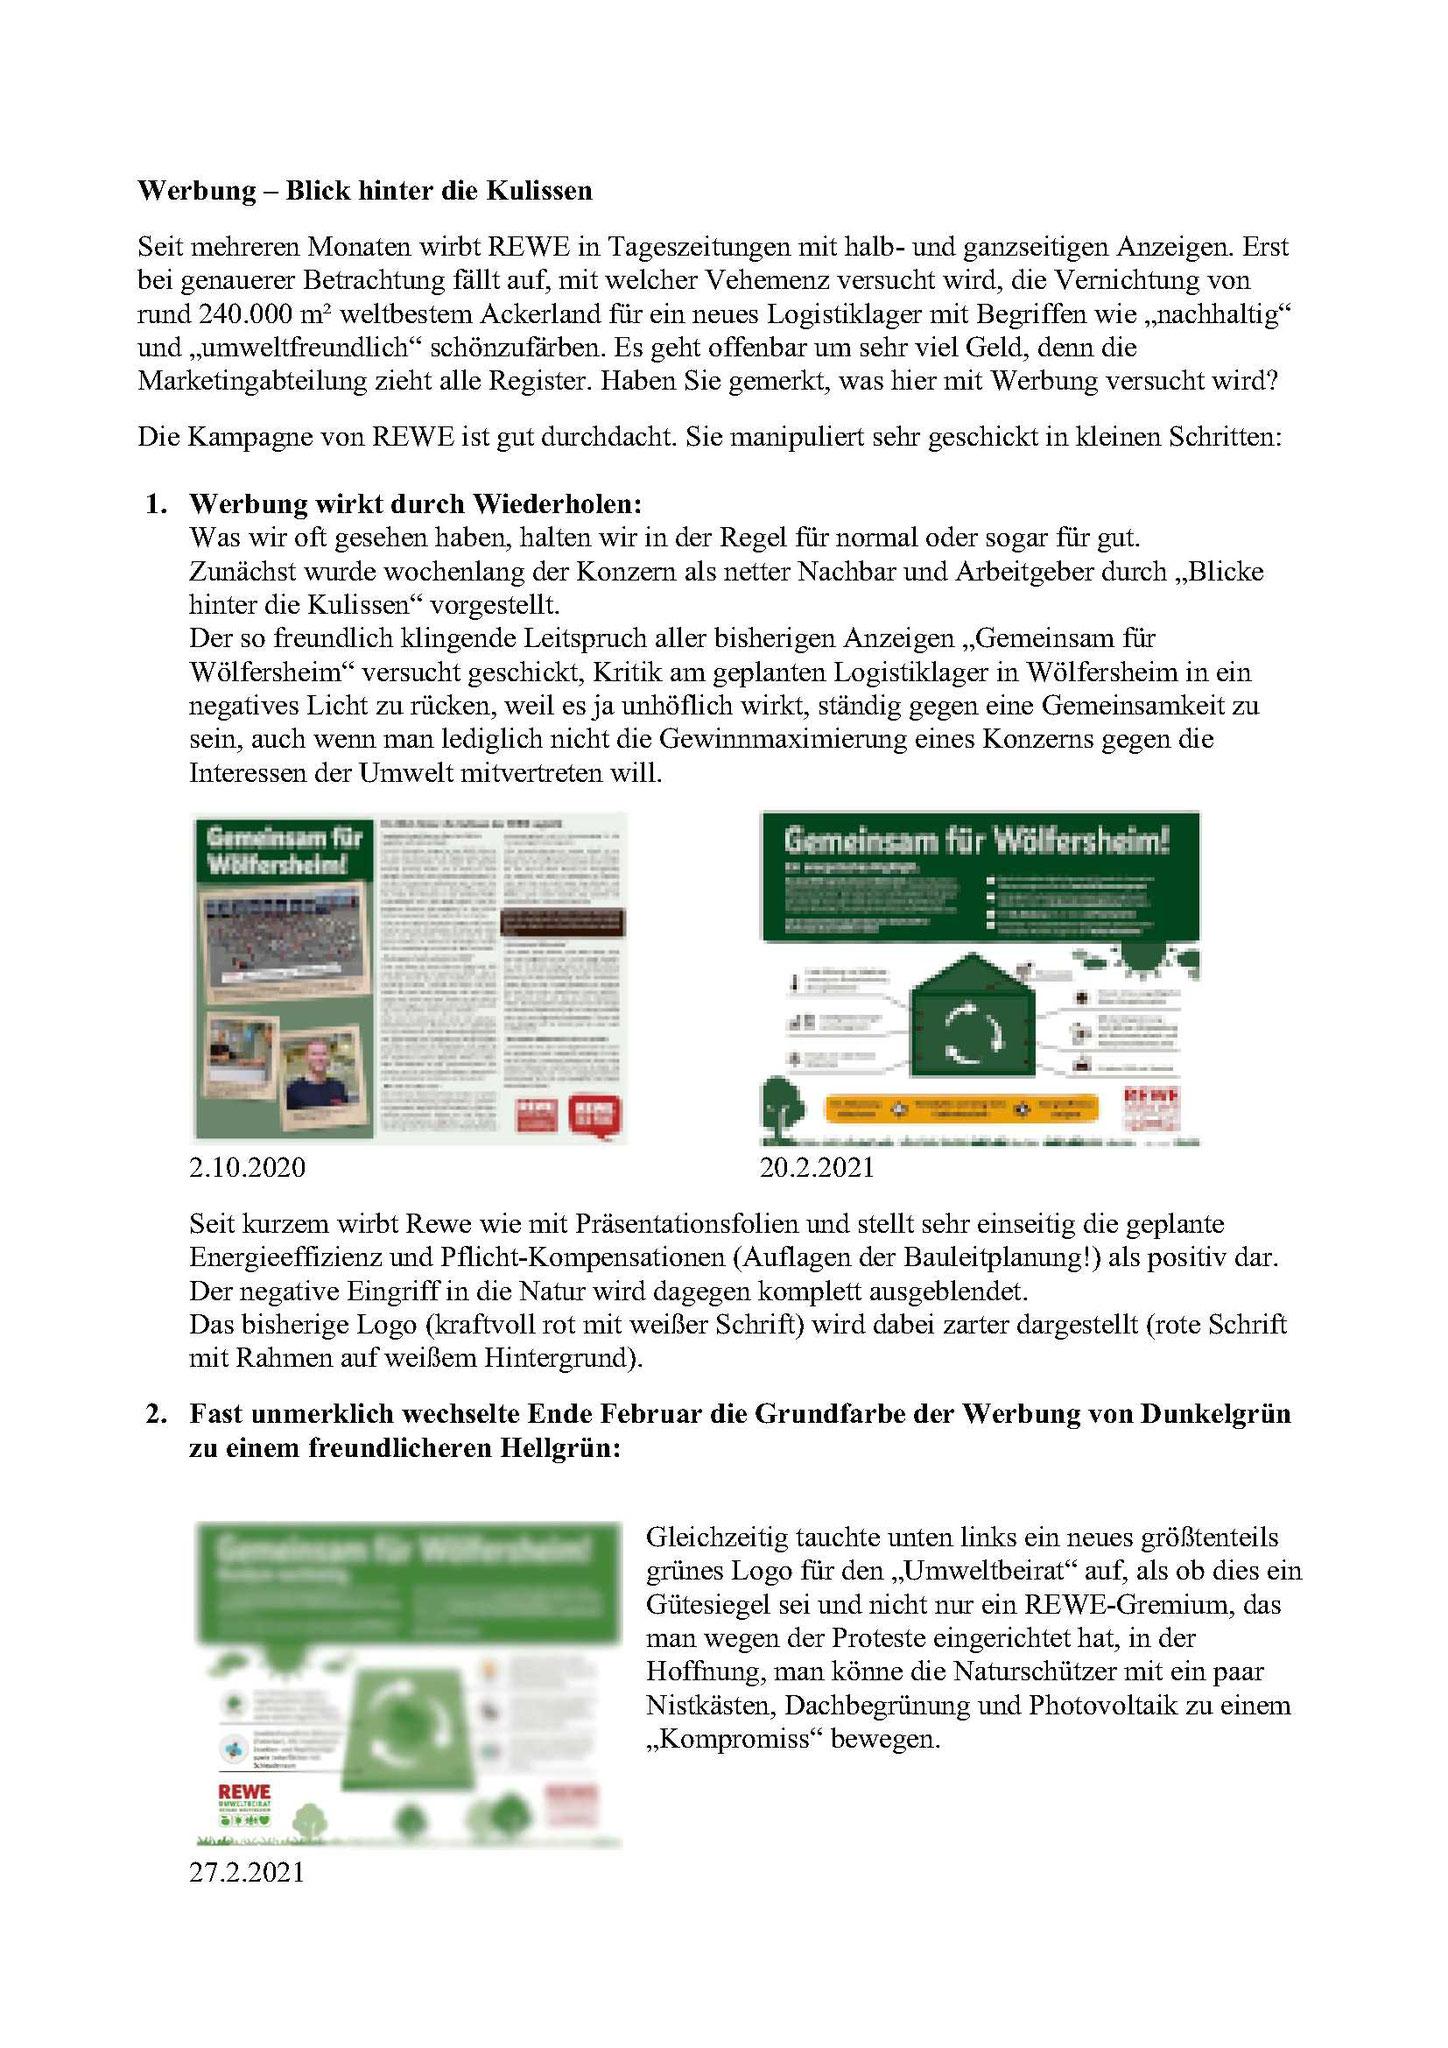 Werbe-Analyse des REWE Kommunikationskonzeptes von Dr. Martin Saltzwedel